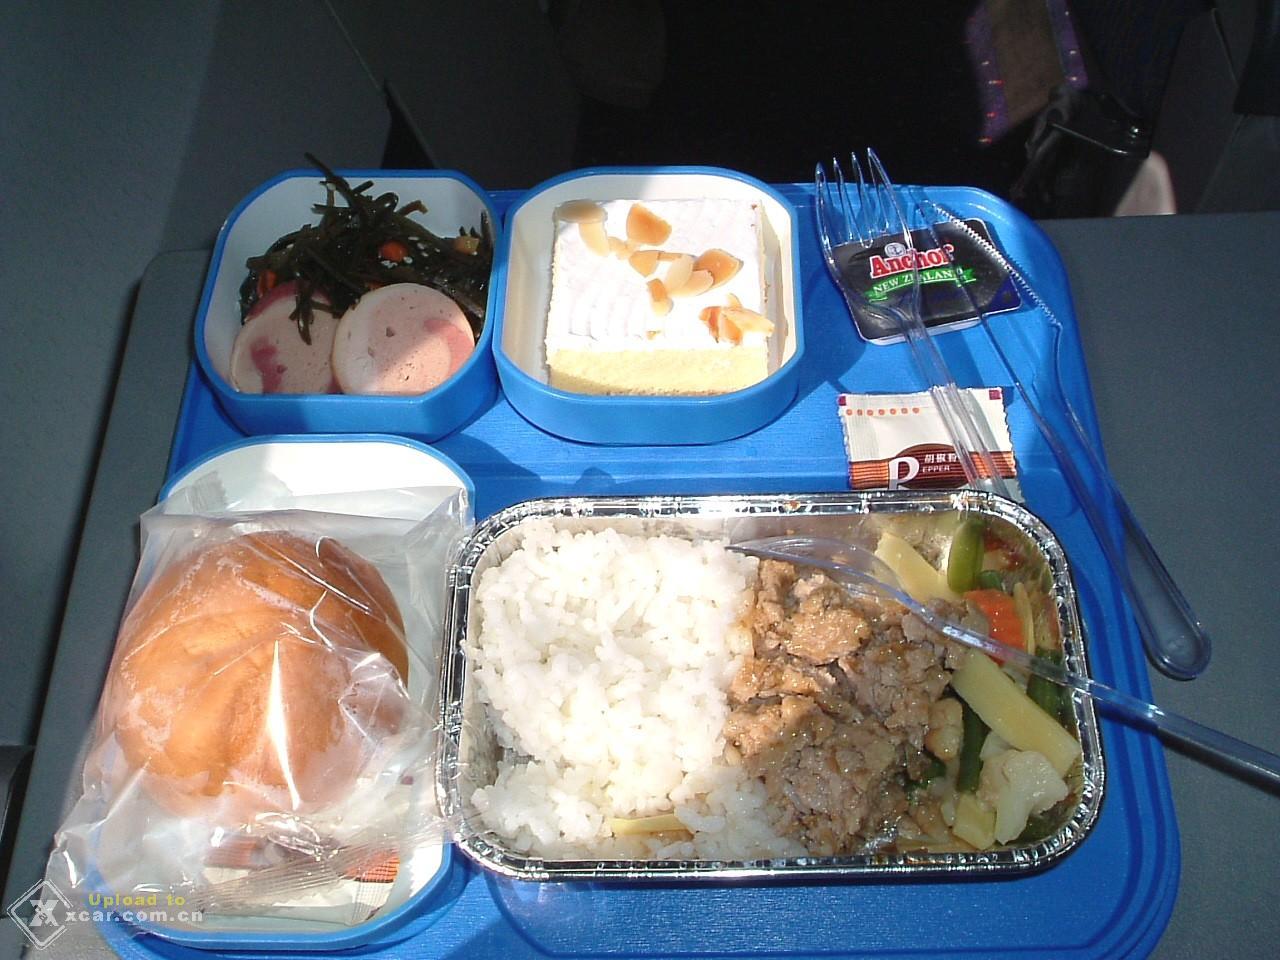 2004-10-22 16:45 2楼             飞机上的午餐 附件